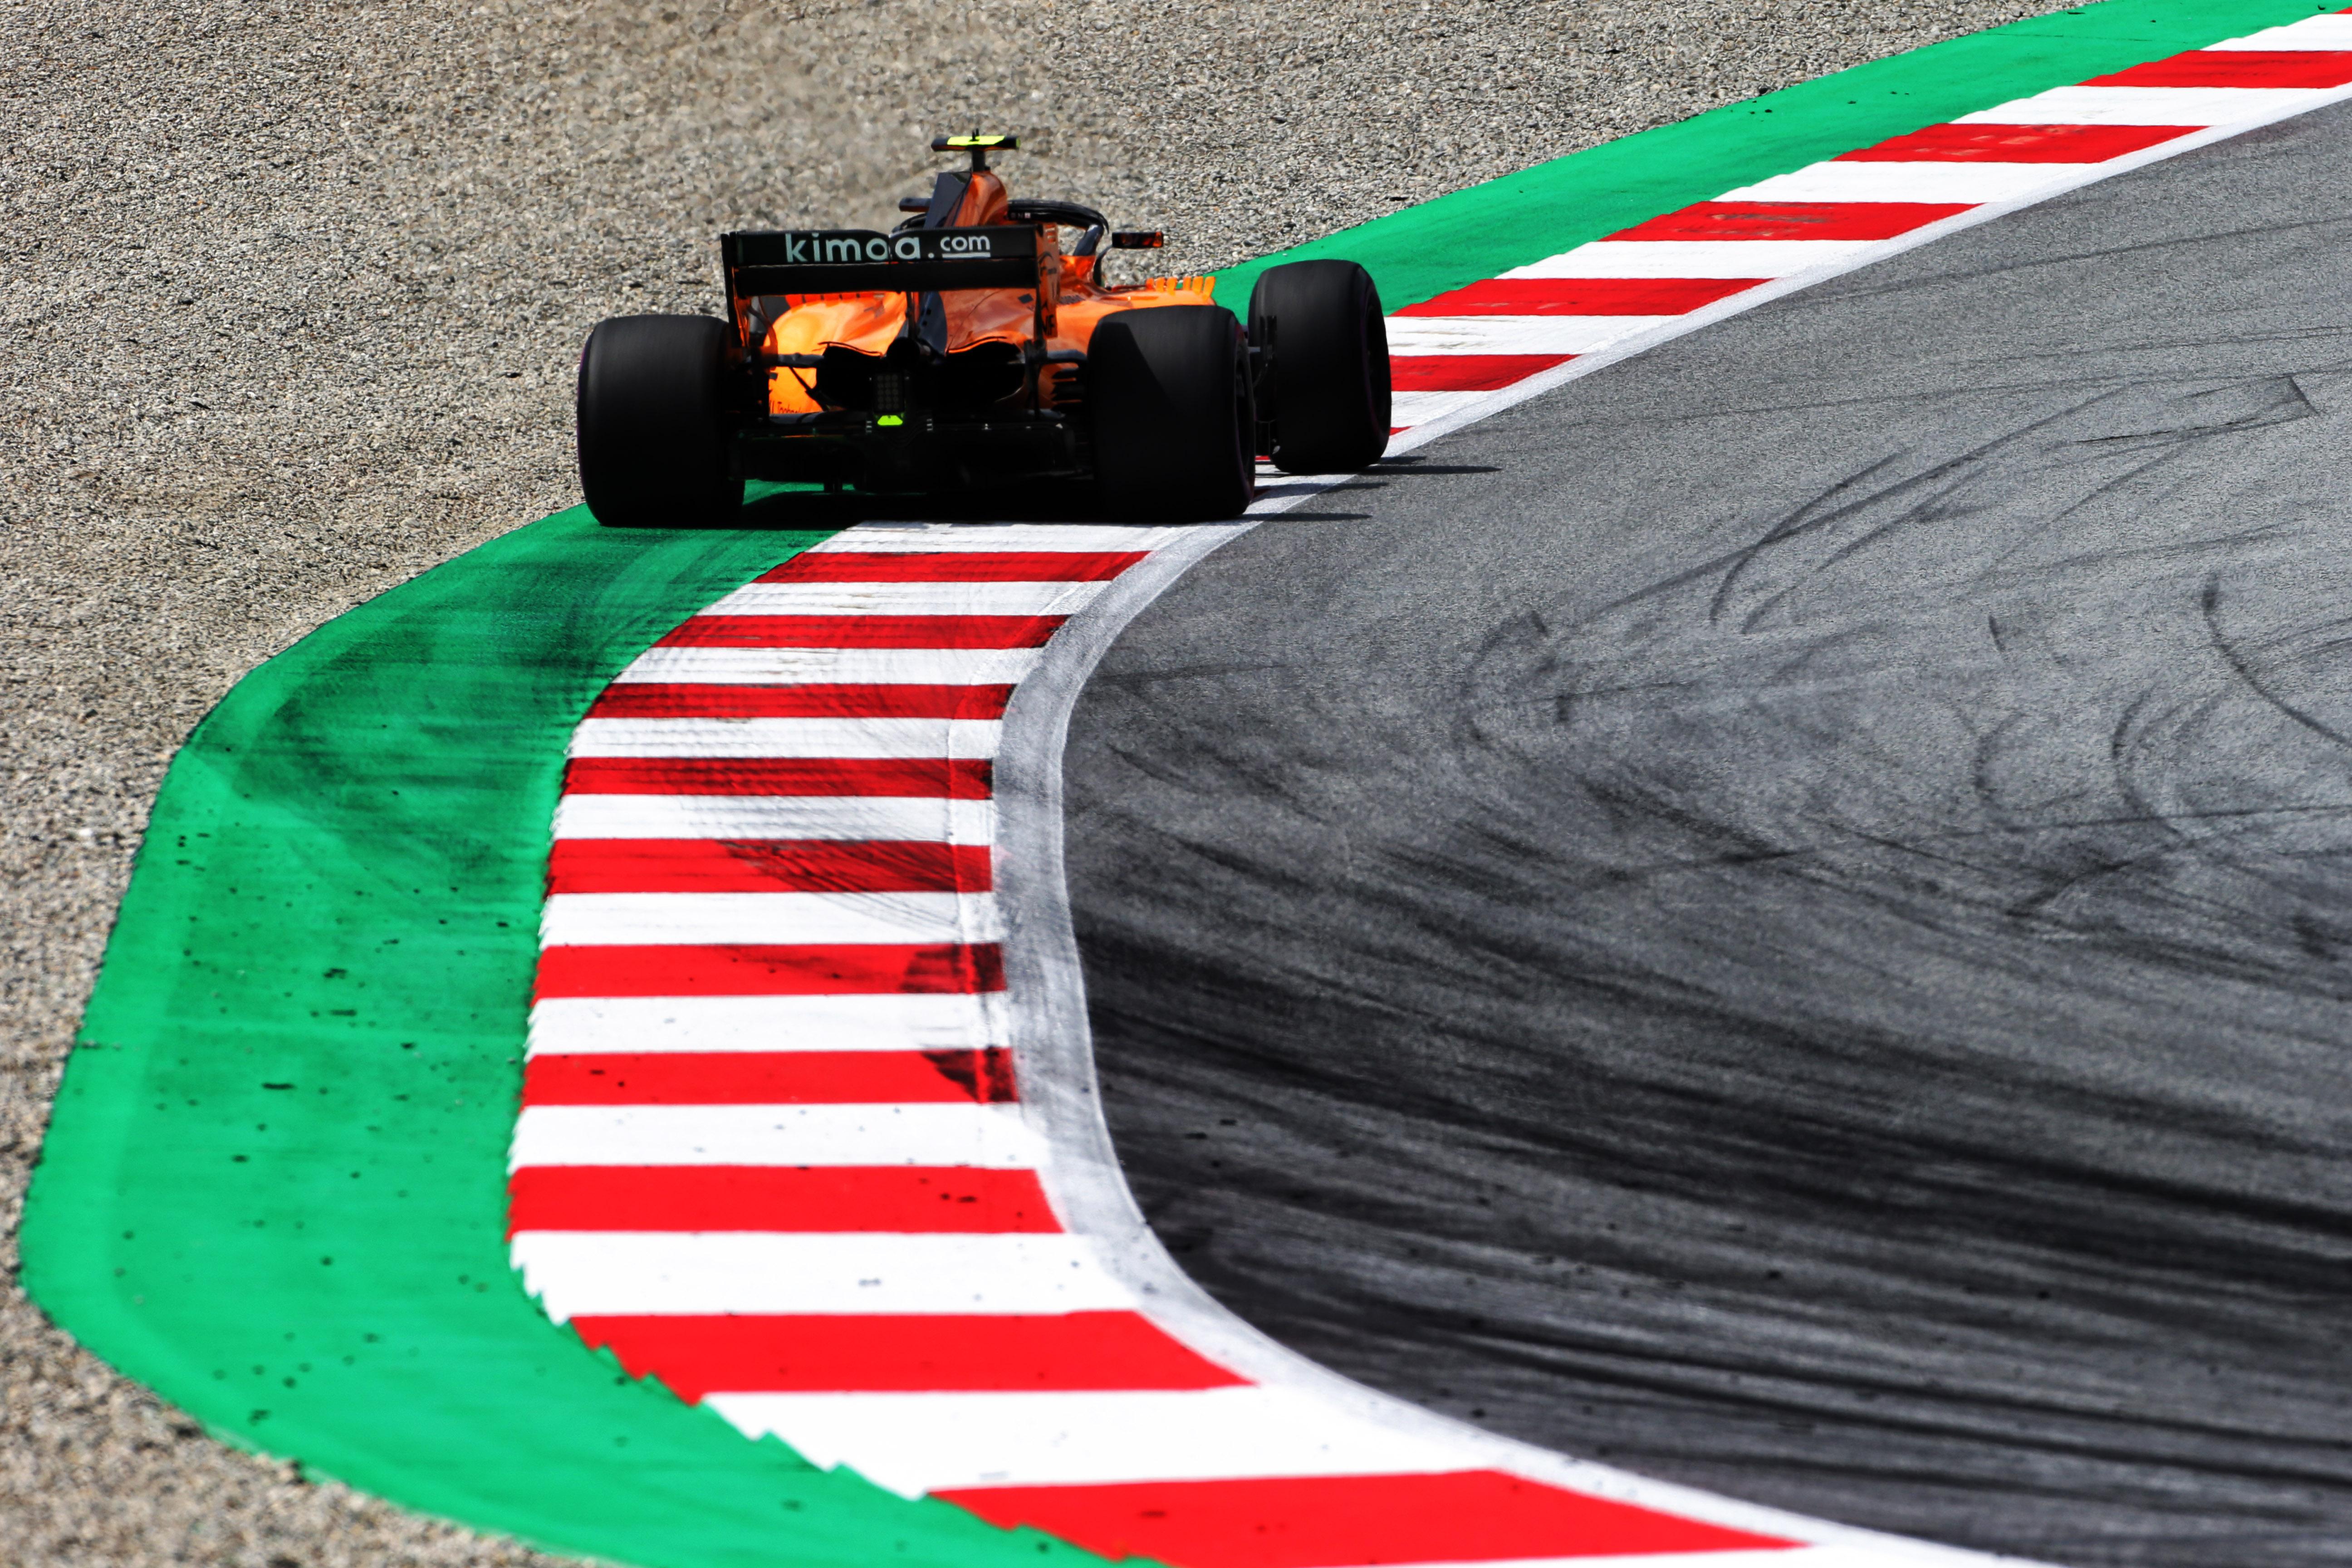 Stoffel Vandoorne McLaren Austrian Grand Prix 2018